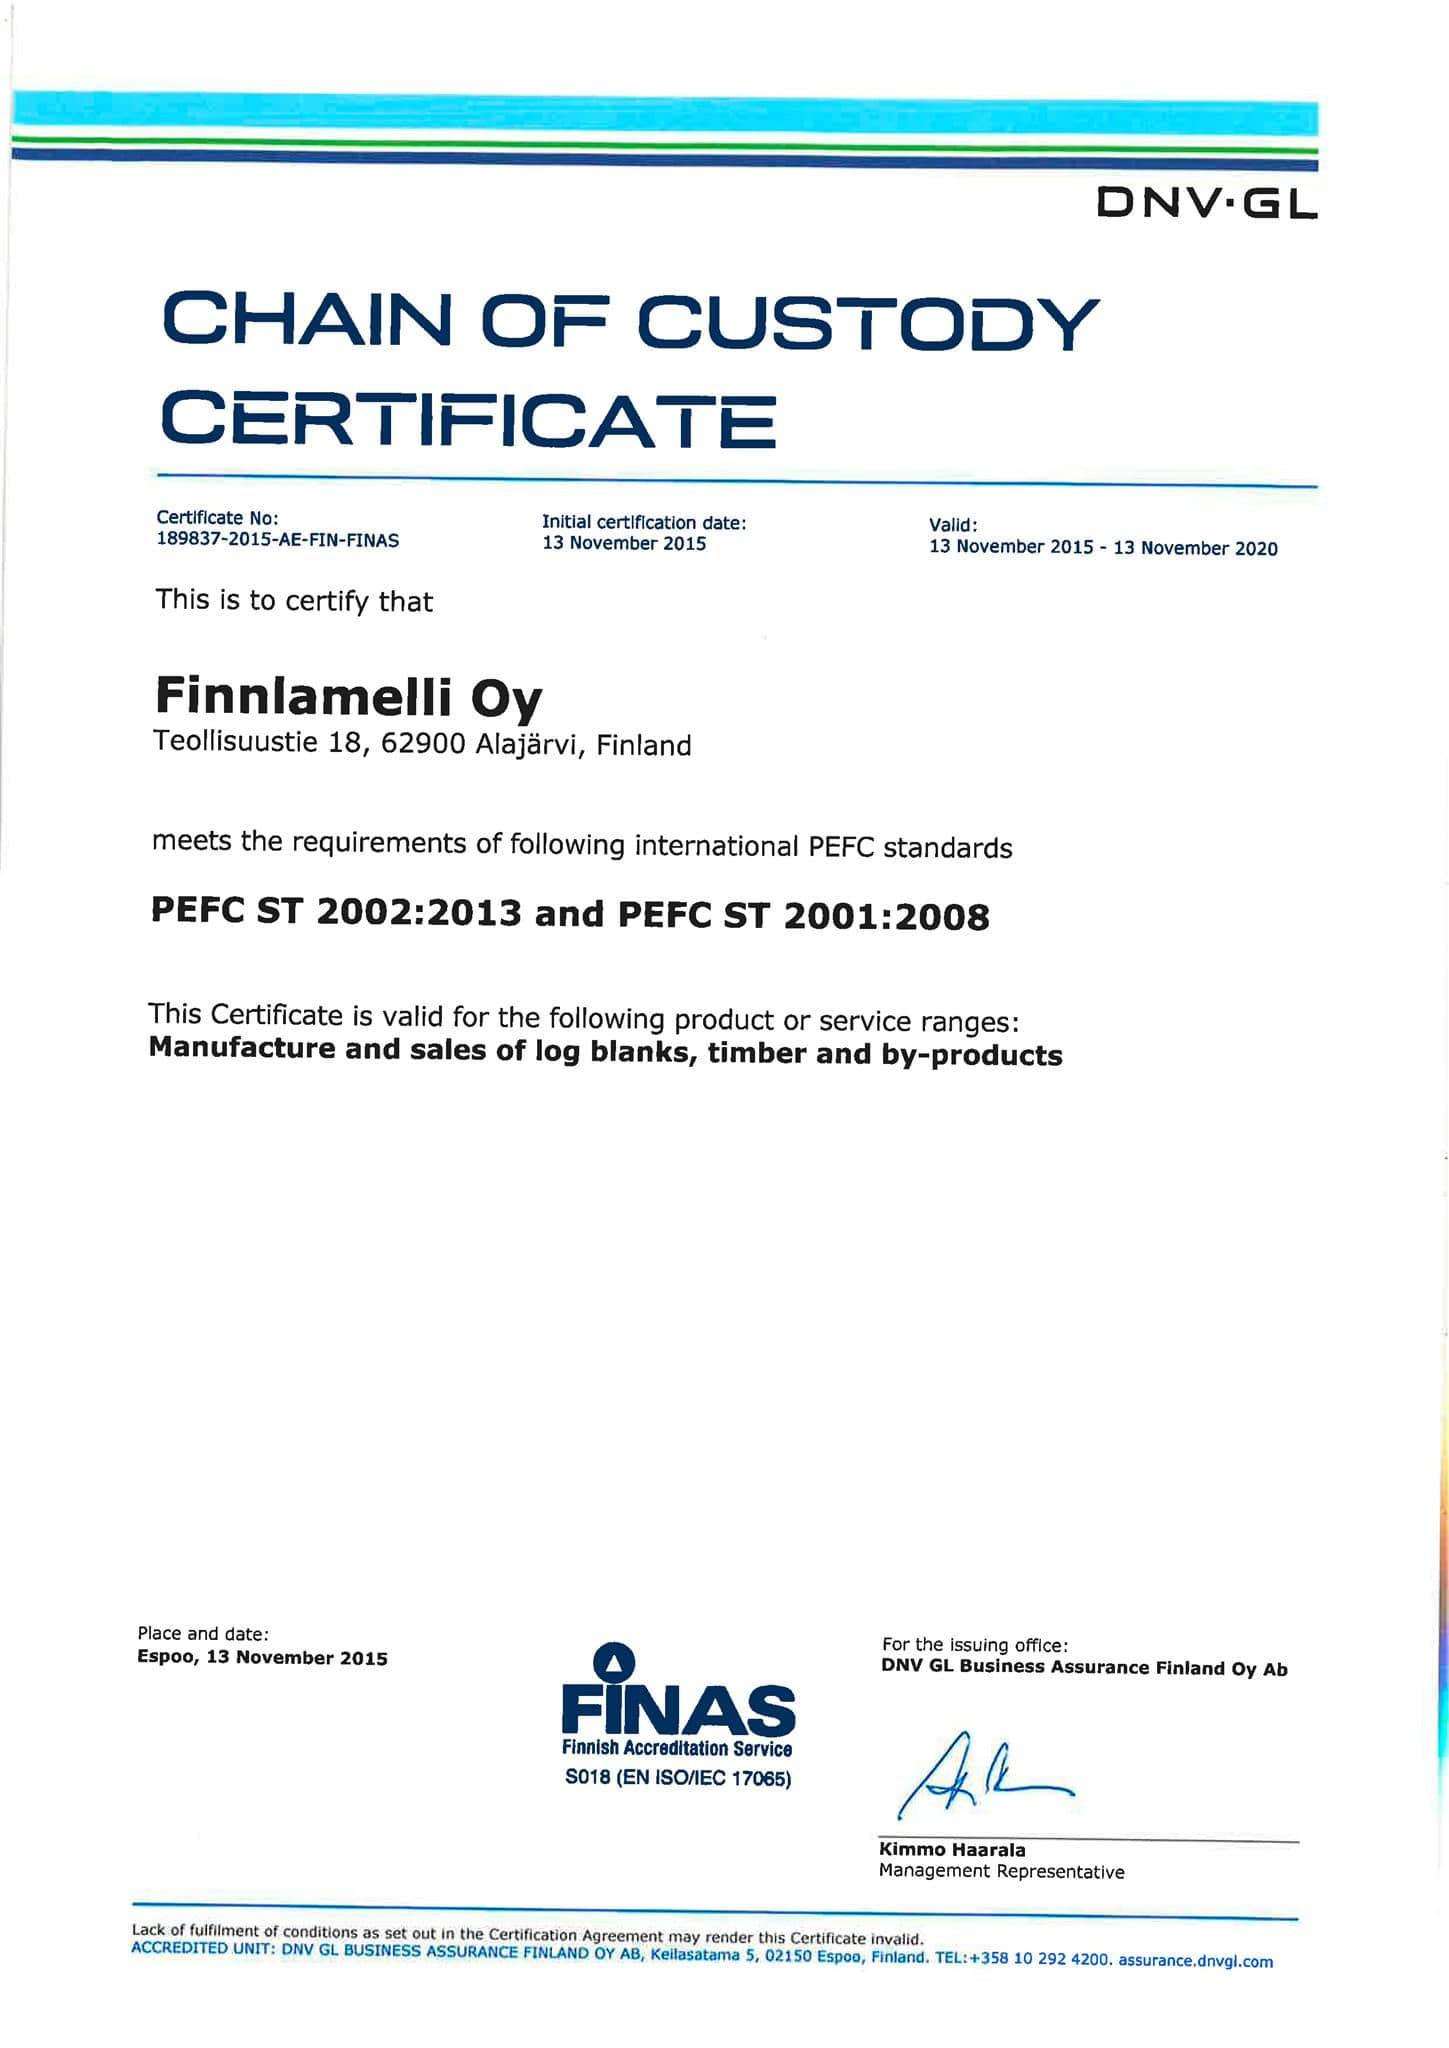 finnlamelli-oy-certificate-pefc-1